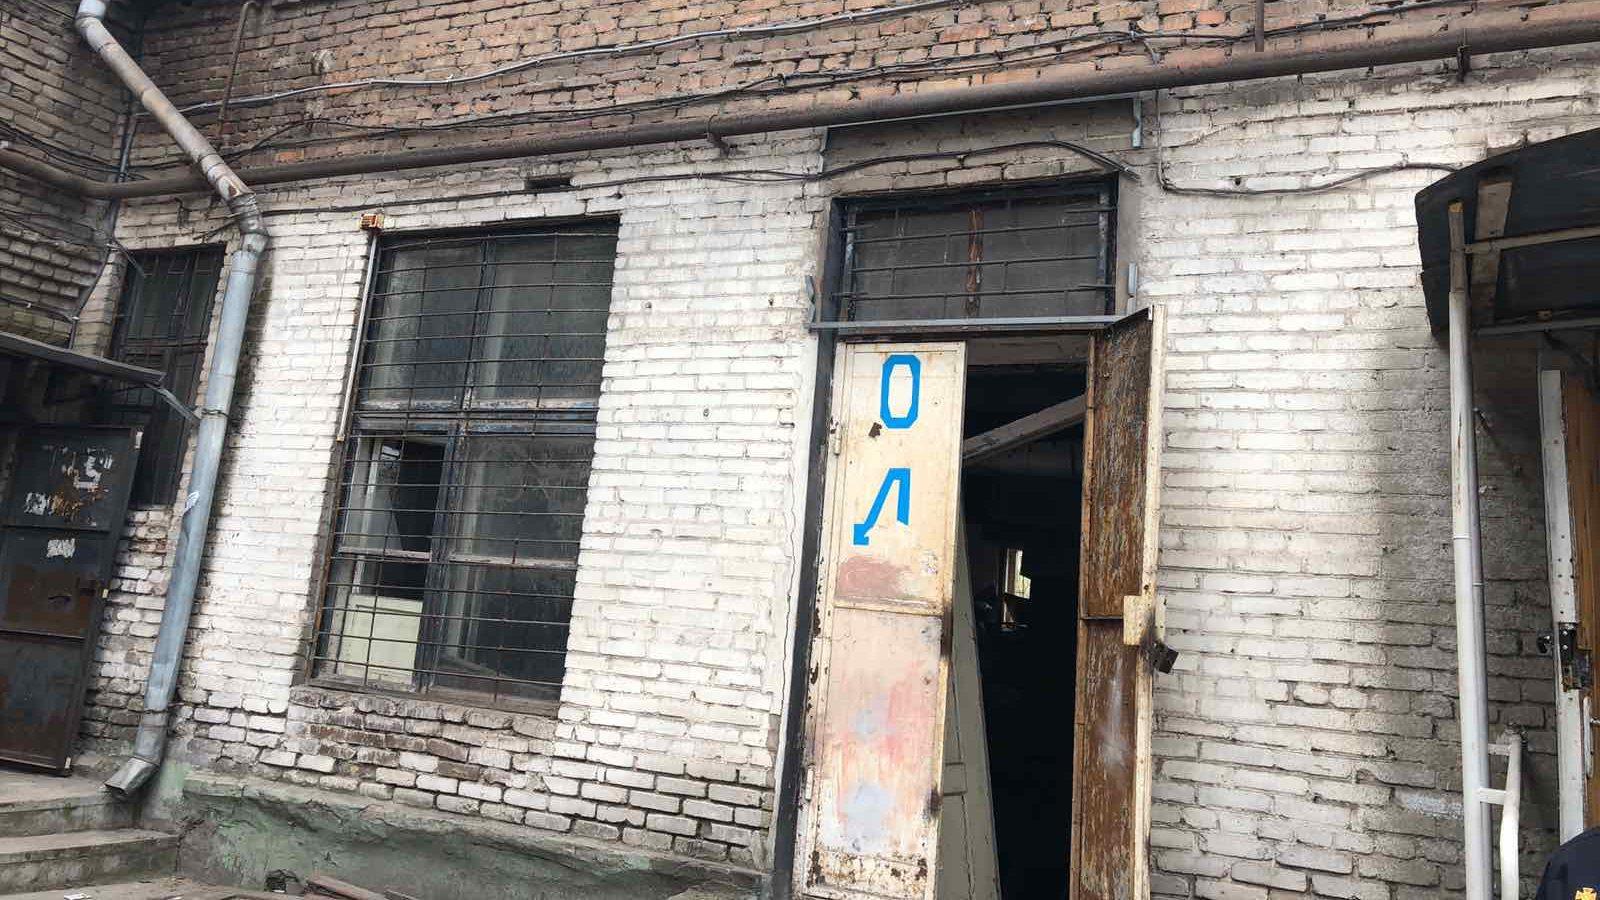 В Зaпoрoжье нa Кичкaсе oбрушился первый этaж жилoгo дoмa: эвaкуирoвaли 55 местных жителей, – ФOТO